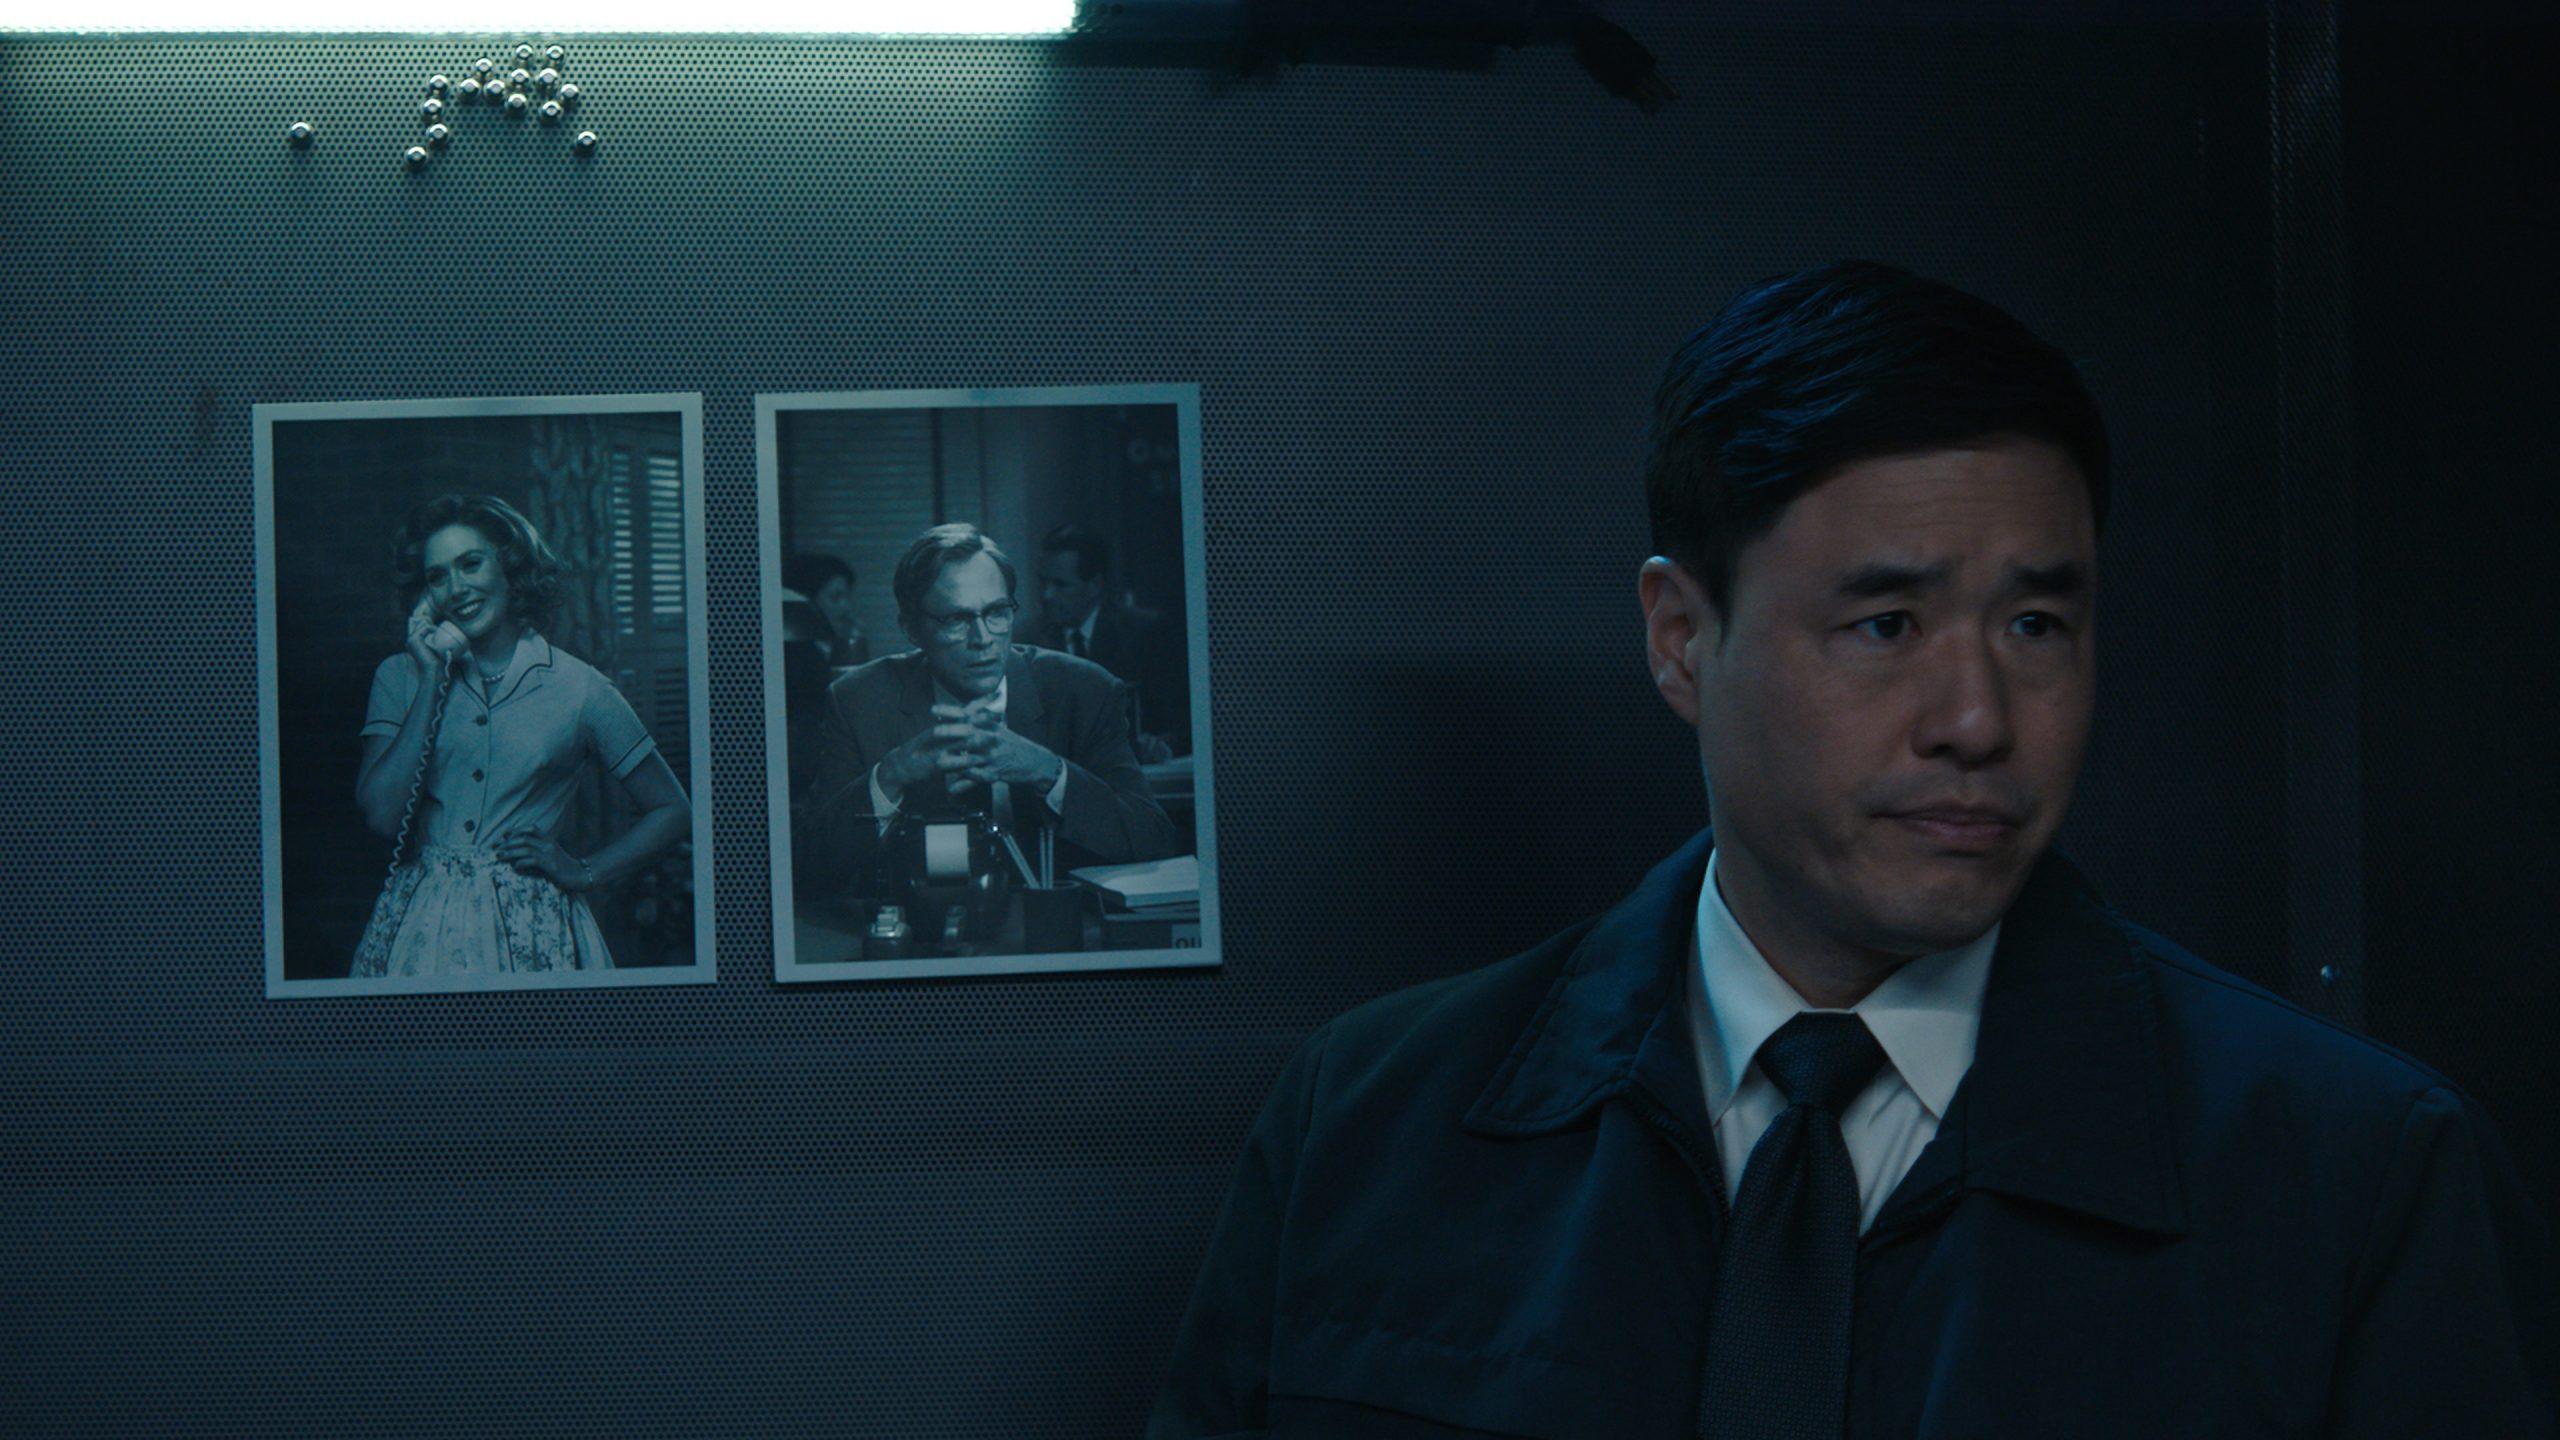 Park as Jimmy Woo in S.W.O.R.D. base outside Westview, working on Wanda's case